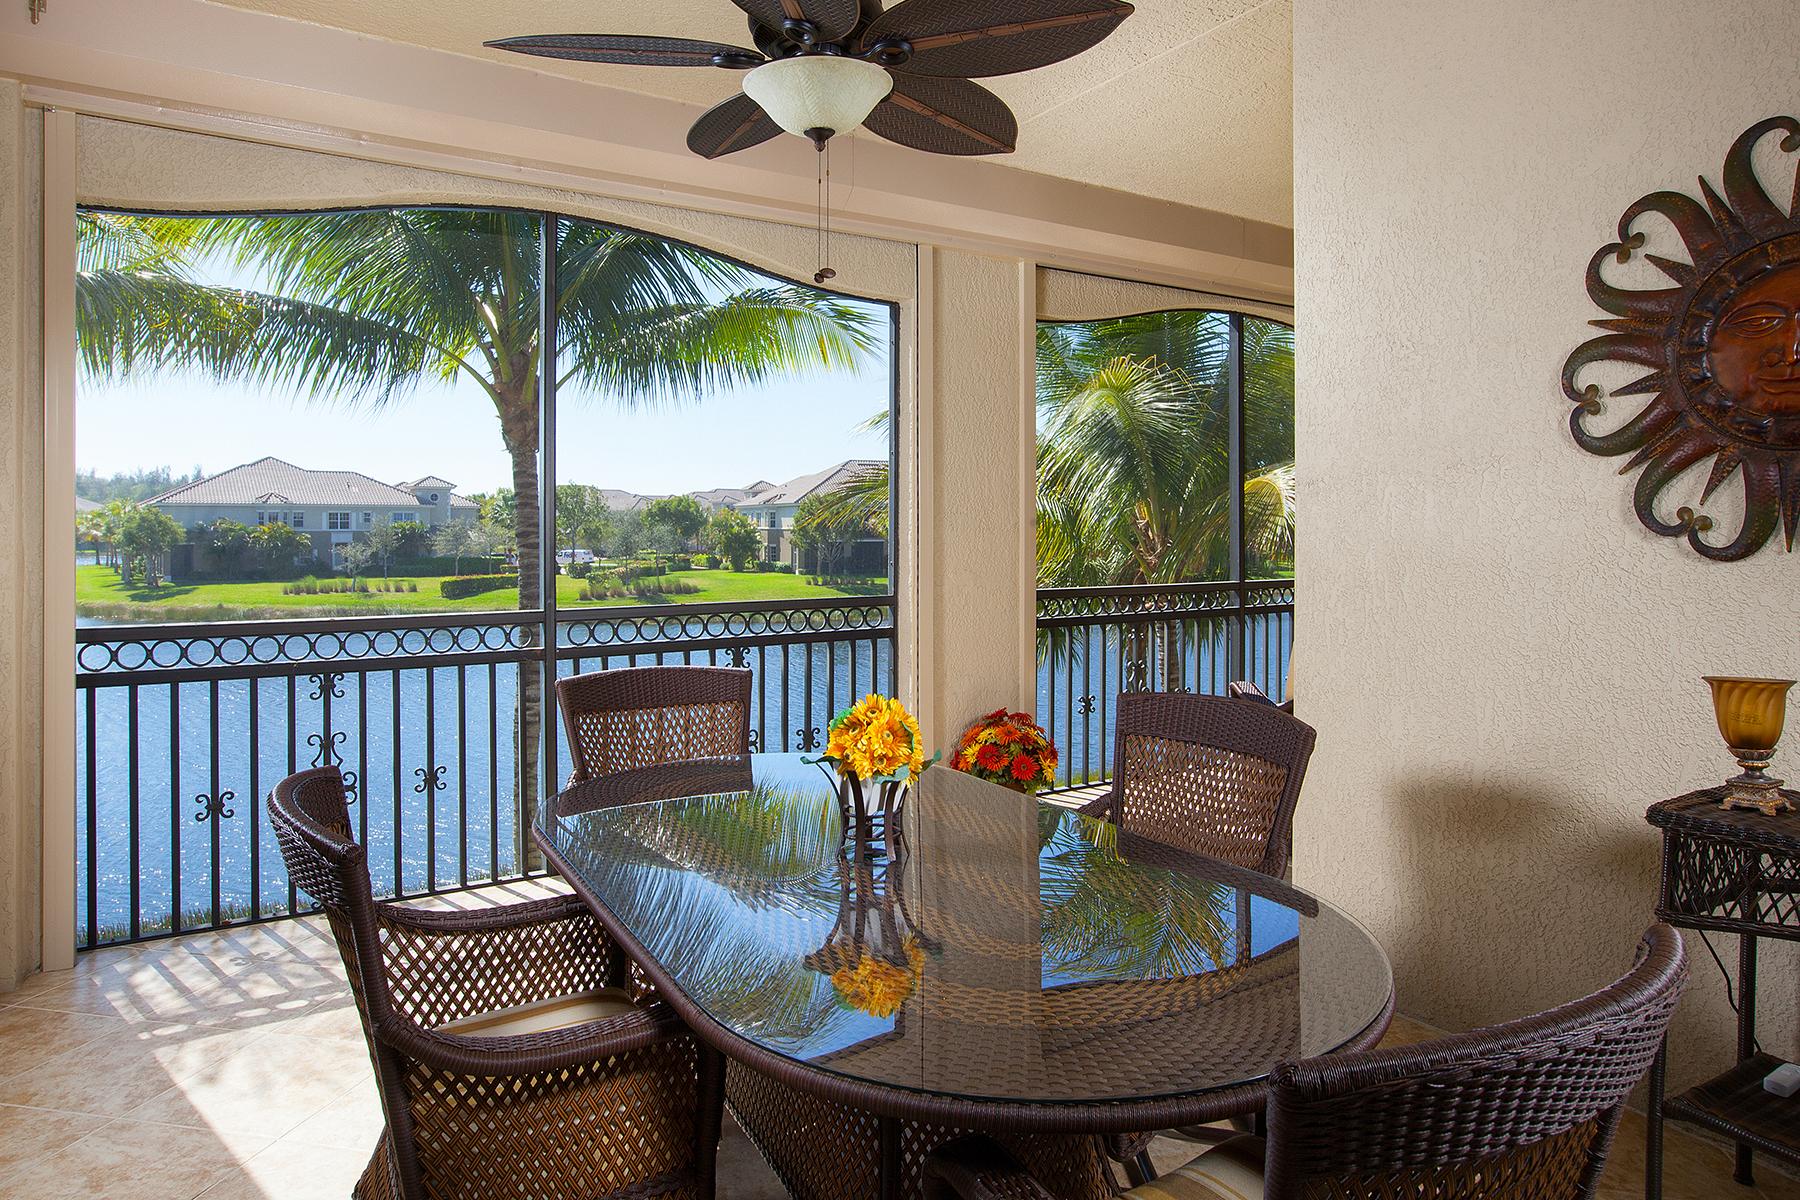 共管式独立产权公寓 为 销售 在 FIDDLER'S CREEK - VARENNA 9238 Tesoro Ln 201 那不勒斯, 佛罗里达州, 34114 美国